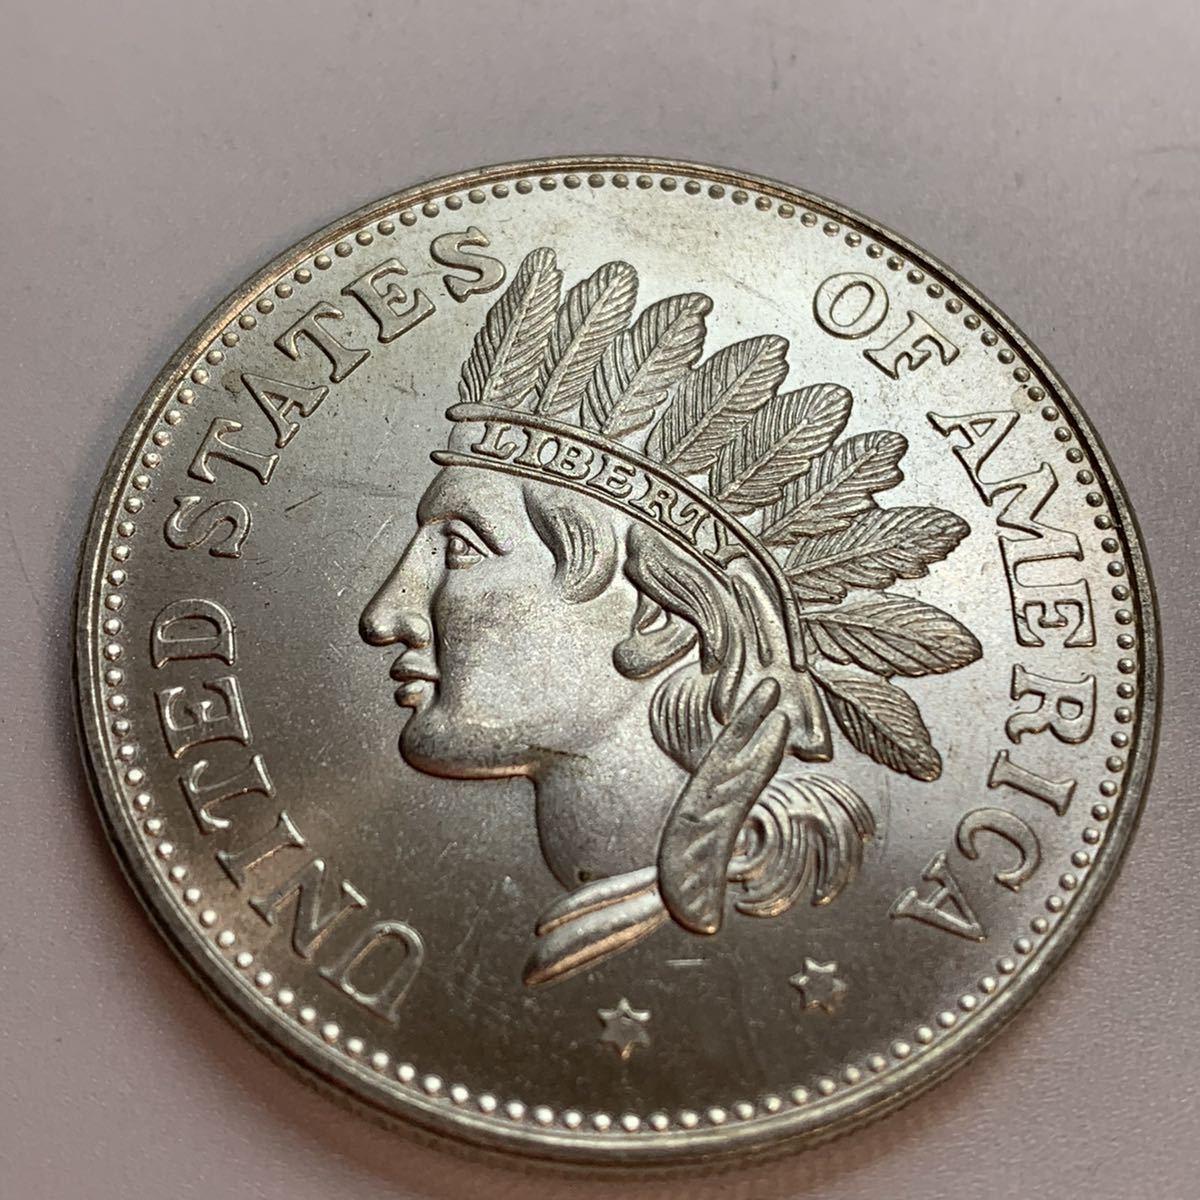 (22-433) 古銭 硬貨 銀貨 1851年 大型硬貨 アメリカ 一円 量目 約26.77グラム 貿易銀 未使用品